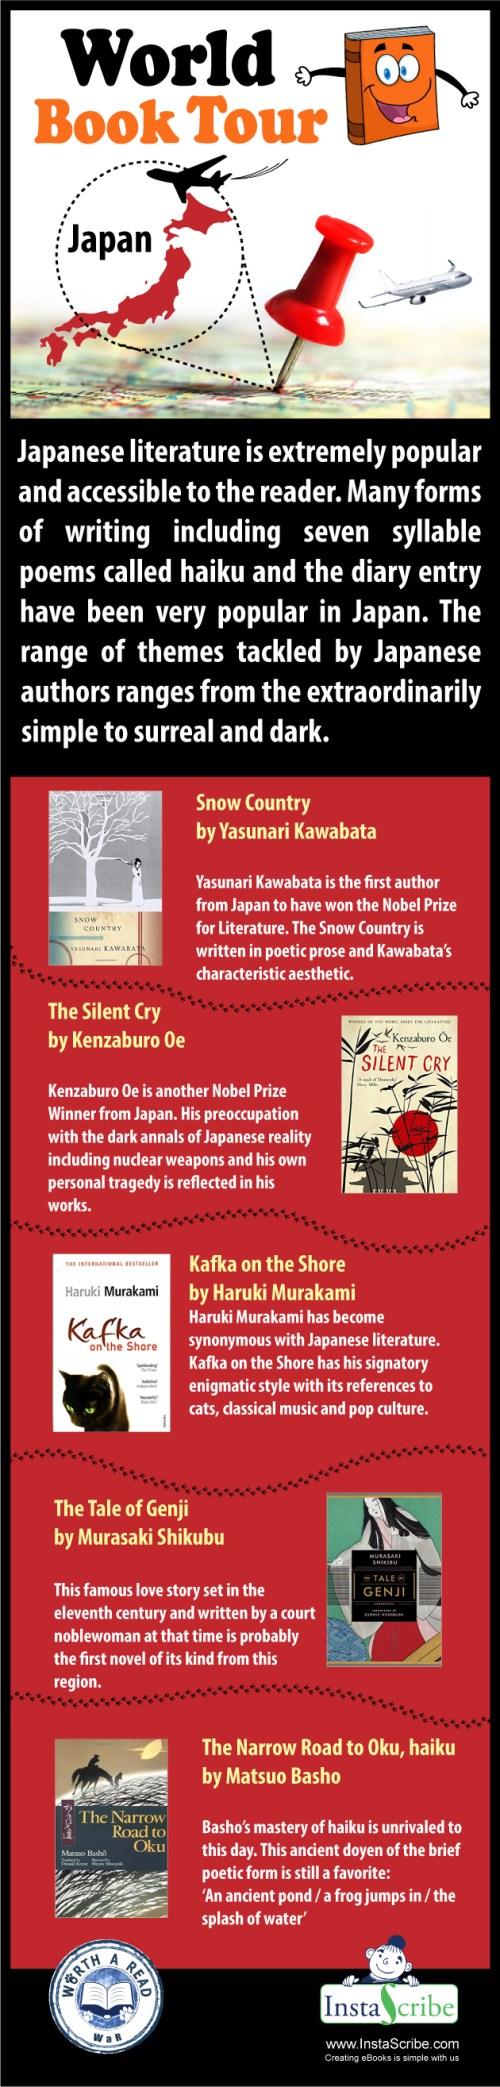 World Book Tour- Japan-01